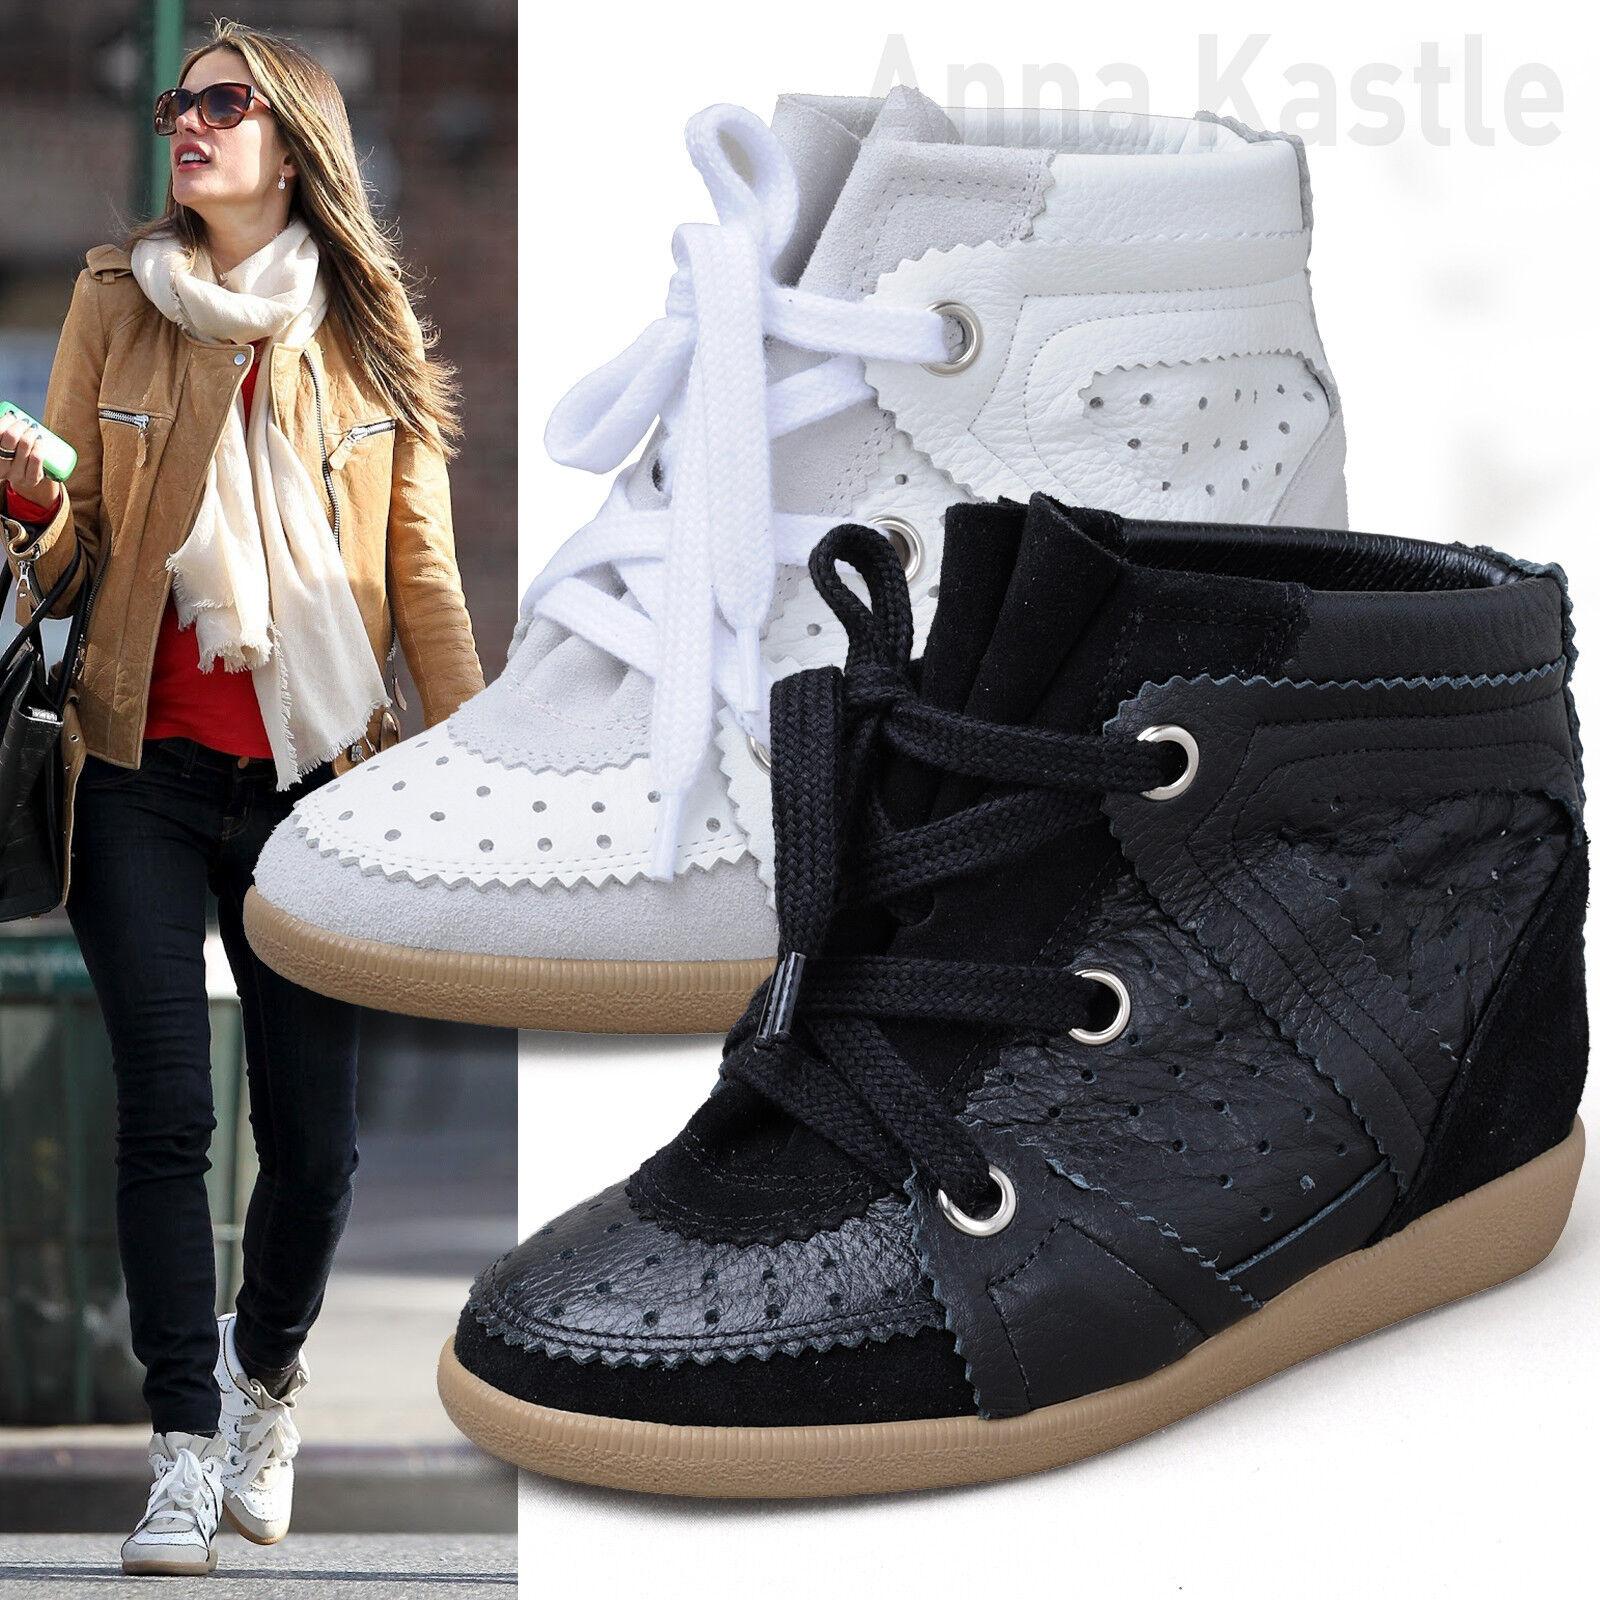 AnnaKastle Womens Hi-Top Genuine Leather Suede Sneaker Wedge Trainer US 5 6 7 8